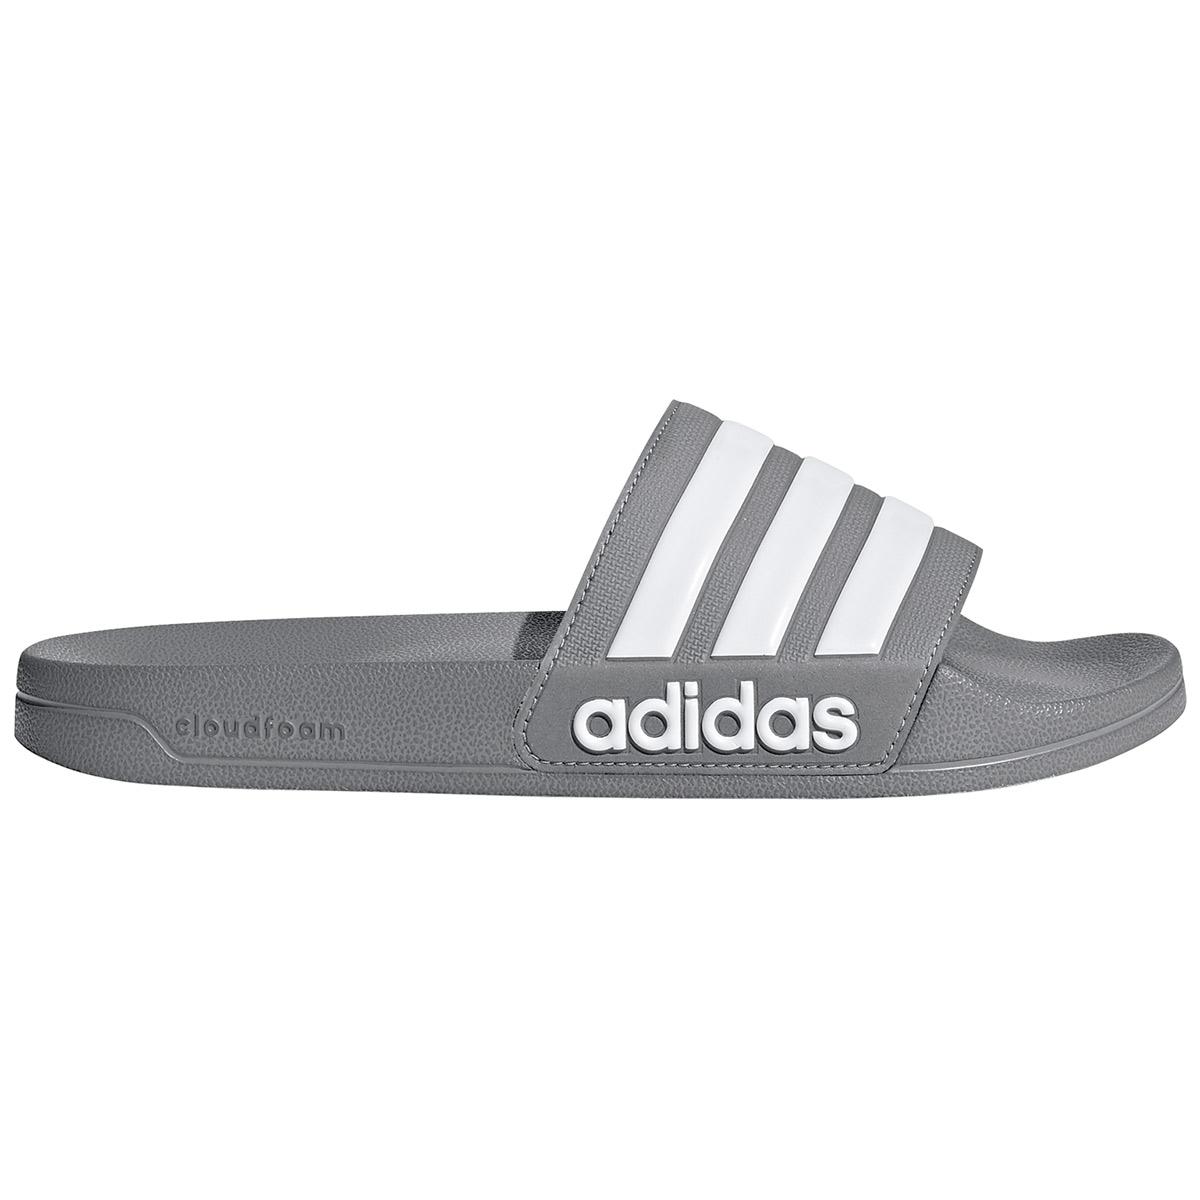 Adidas Men's Adilette Cloudfoam Slides - Black, 13